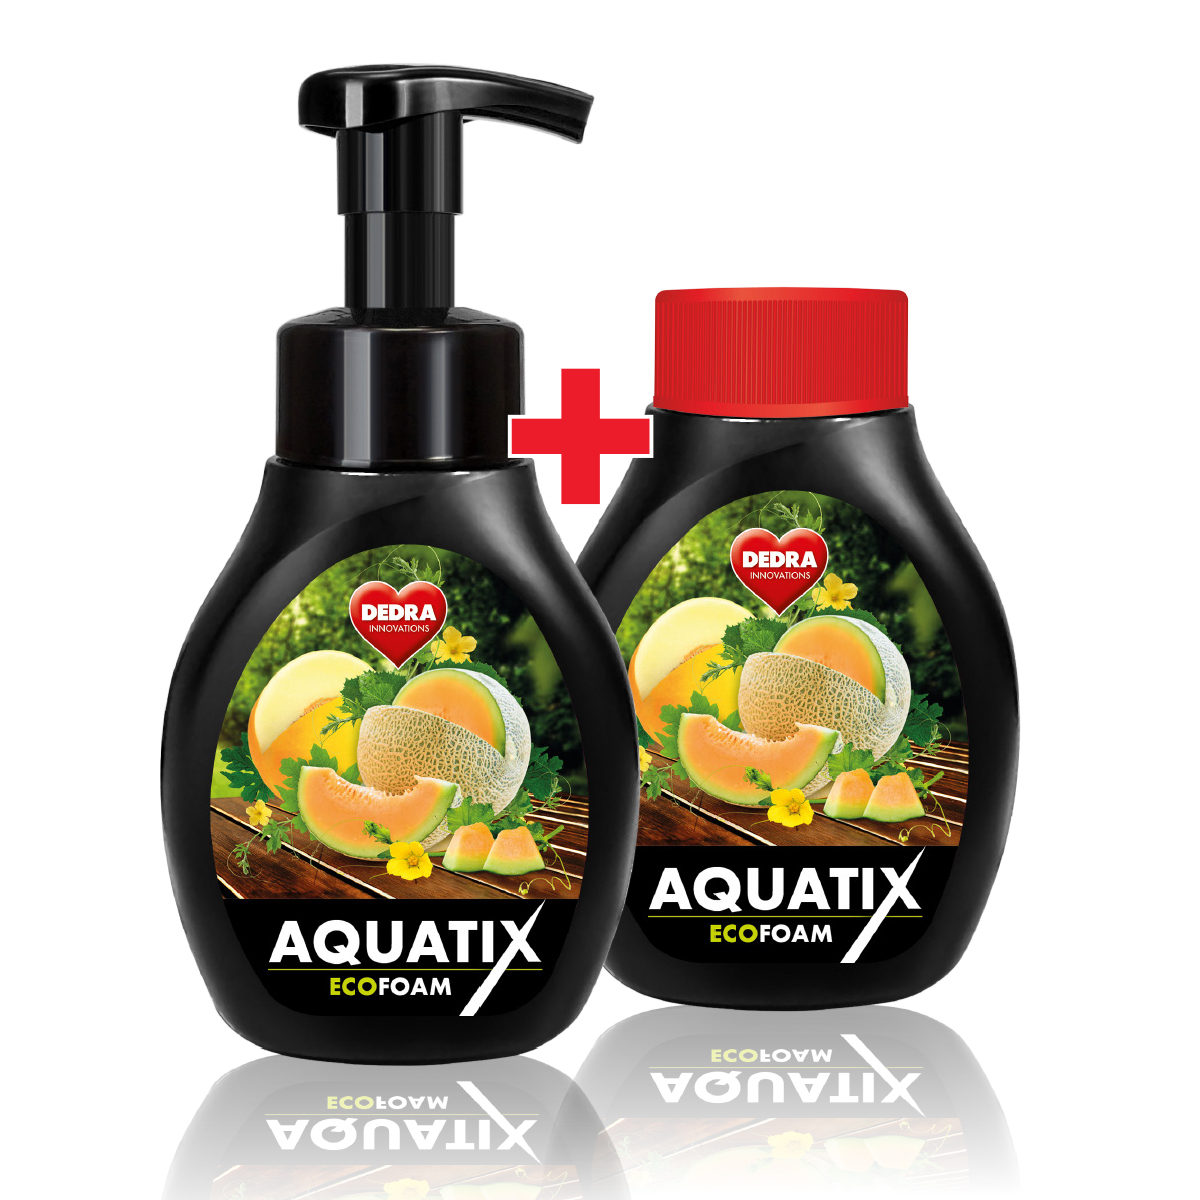 SADA 1+1 Aktivní pěna na ruční mytí nádobí AQUATIX EcoFoam meloun